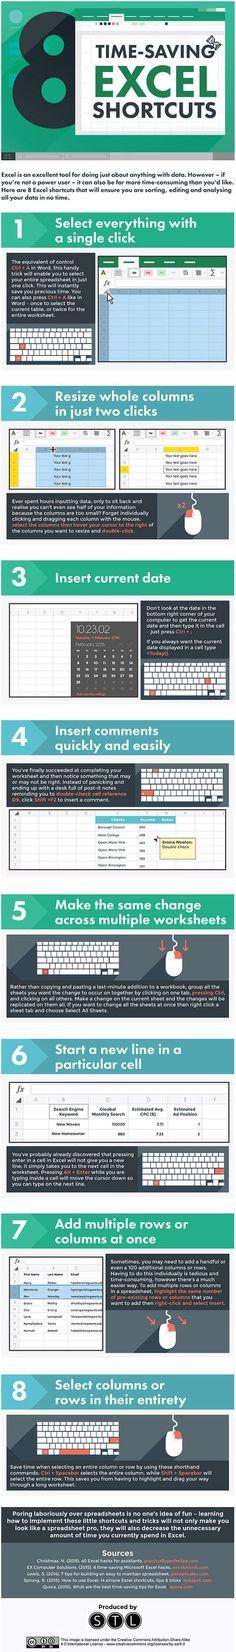 Word, Excel, PowerPoint Microsoft stampft Office-Viewer ein